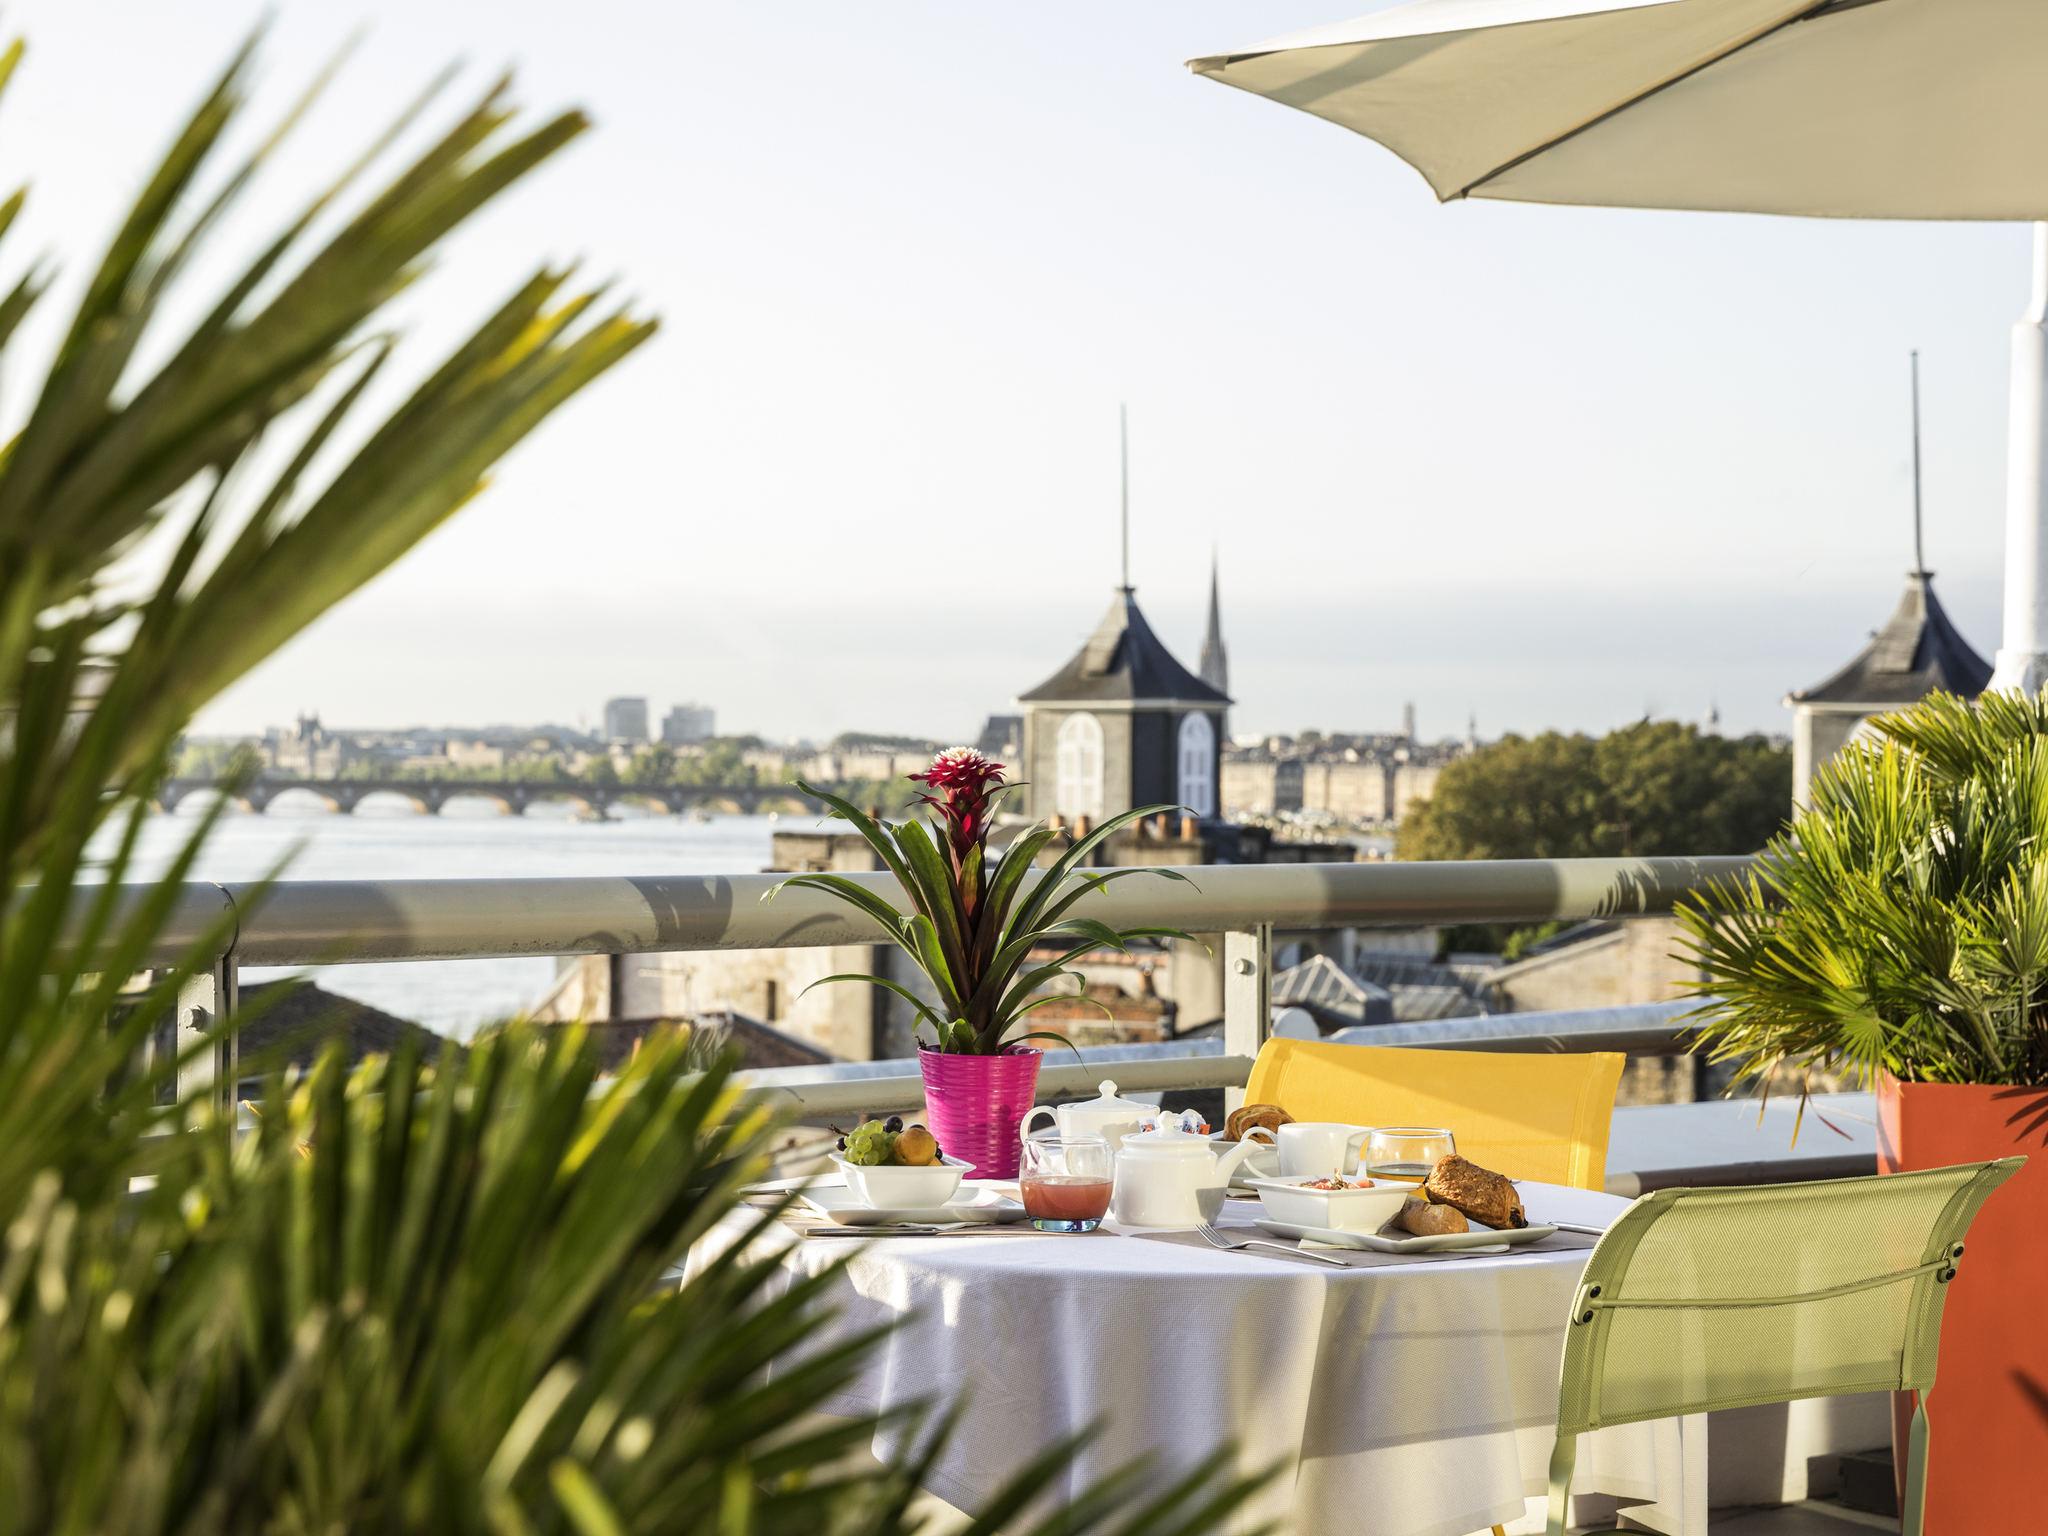 Hotel – Hotel Mercure Bordeaux Cité Mondiale Centro